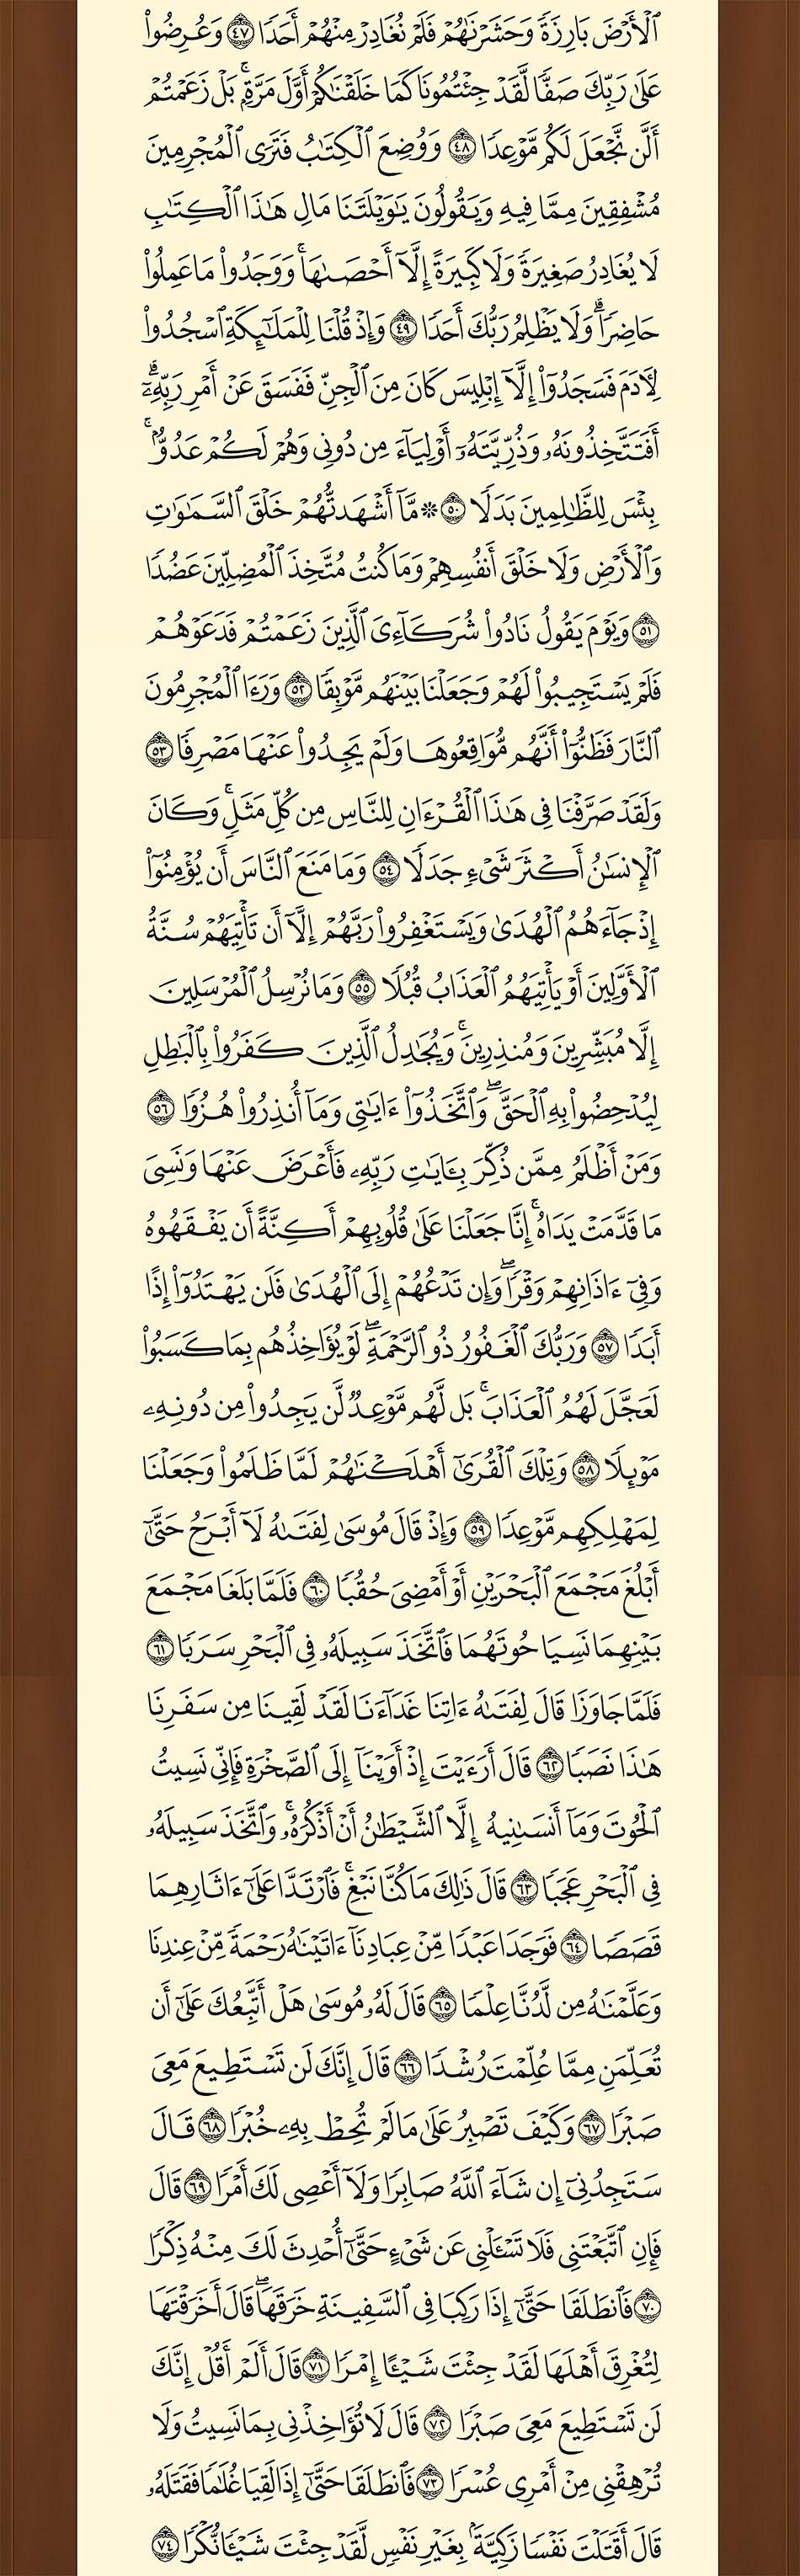 سورة الكهف بصفحة واحدة Quran Verses Surah Al Quran Holy Quran Book